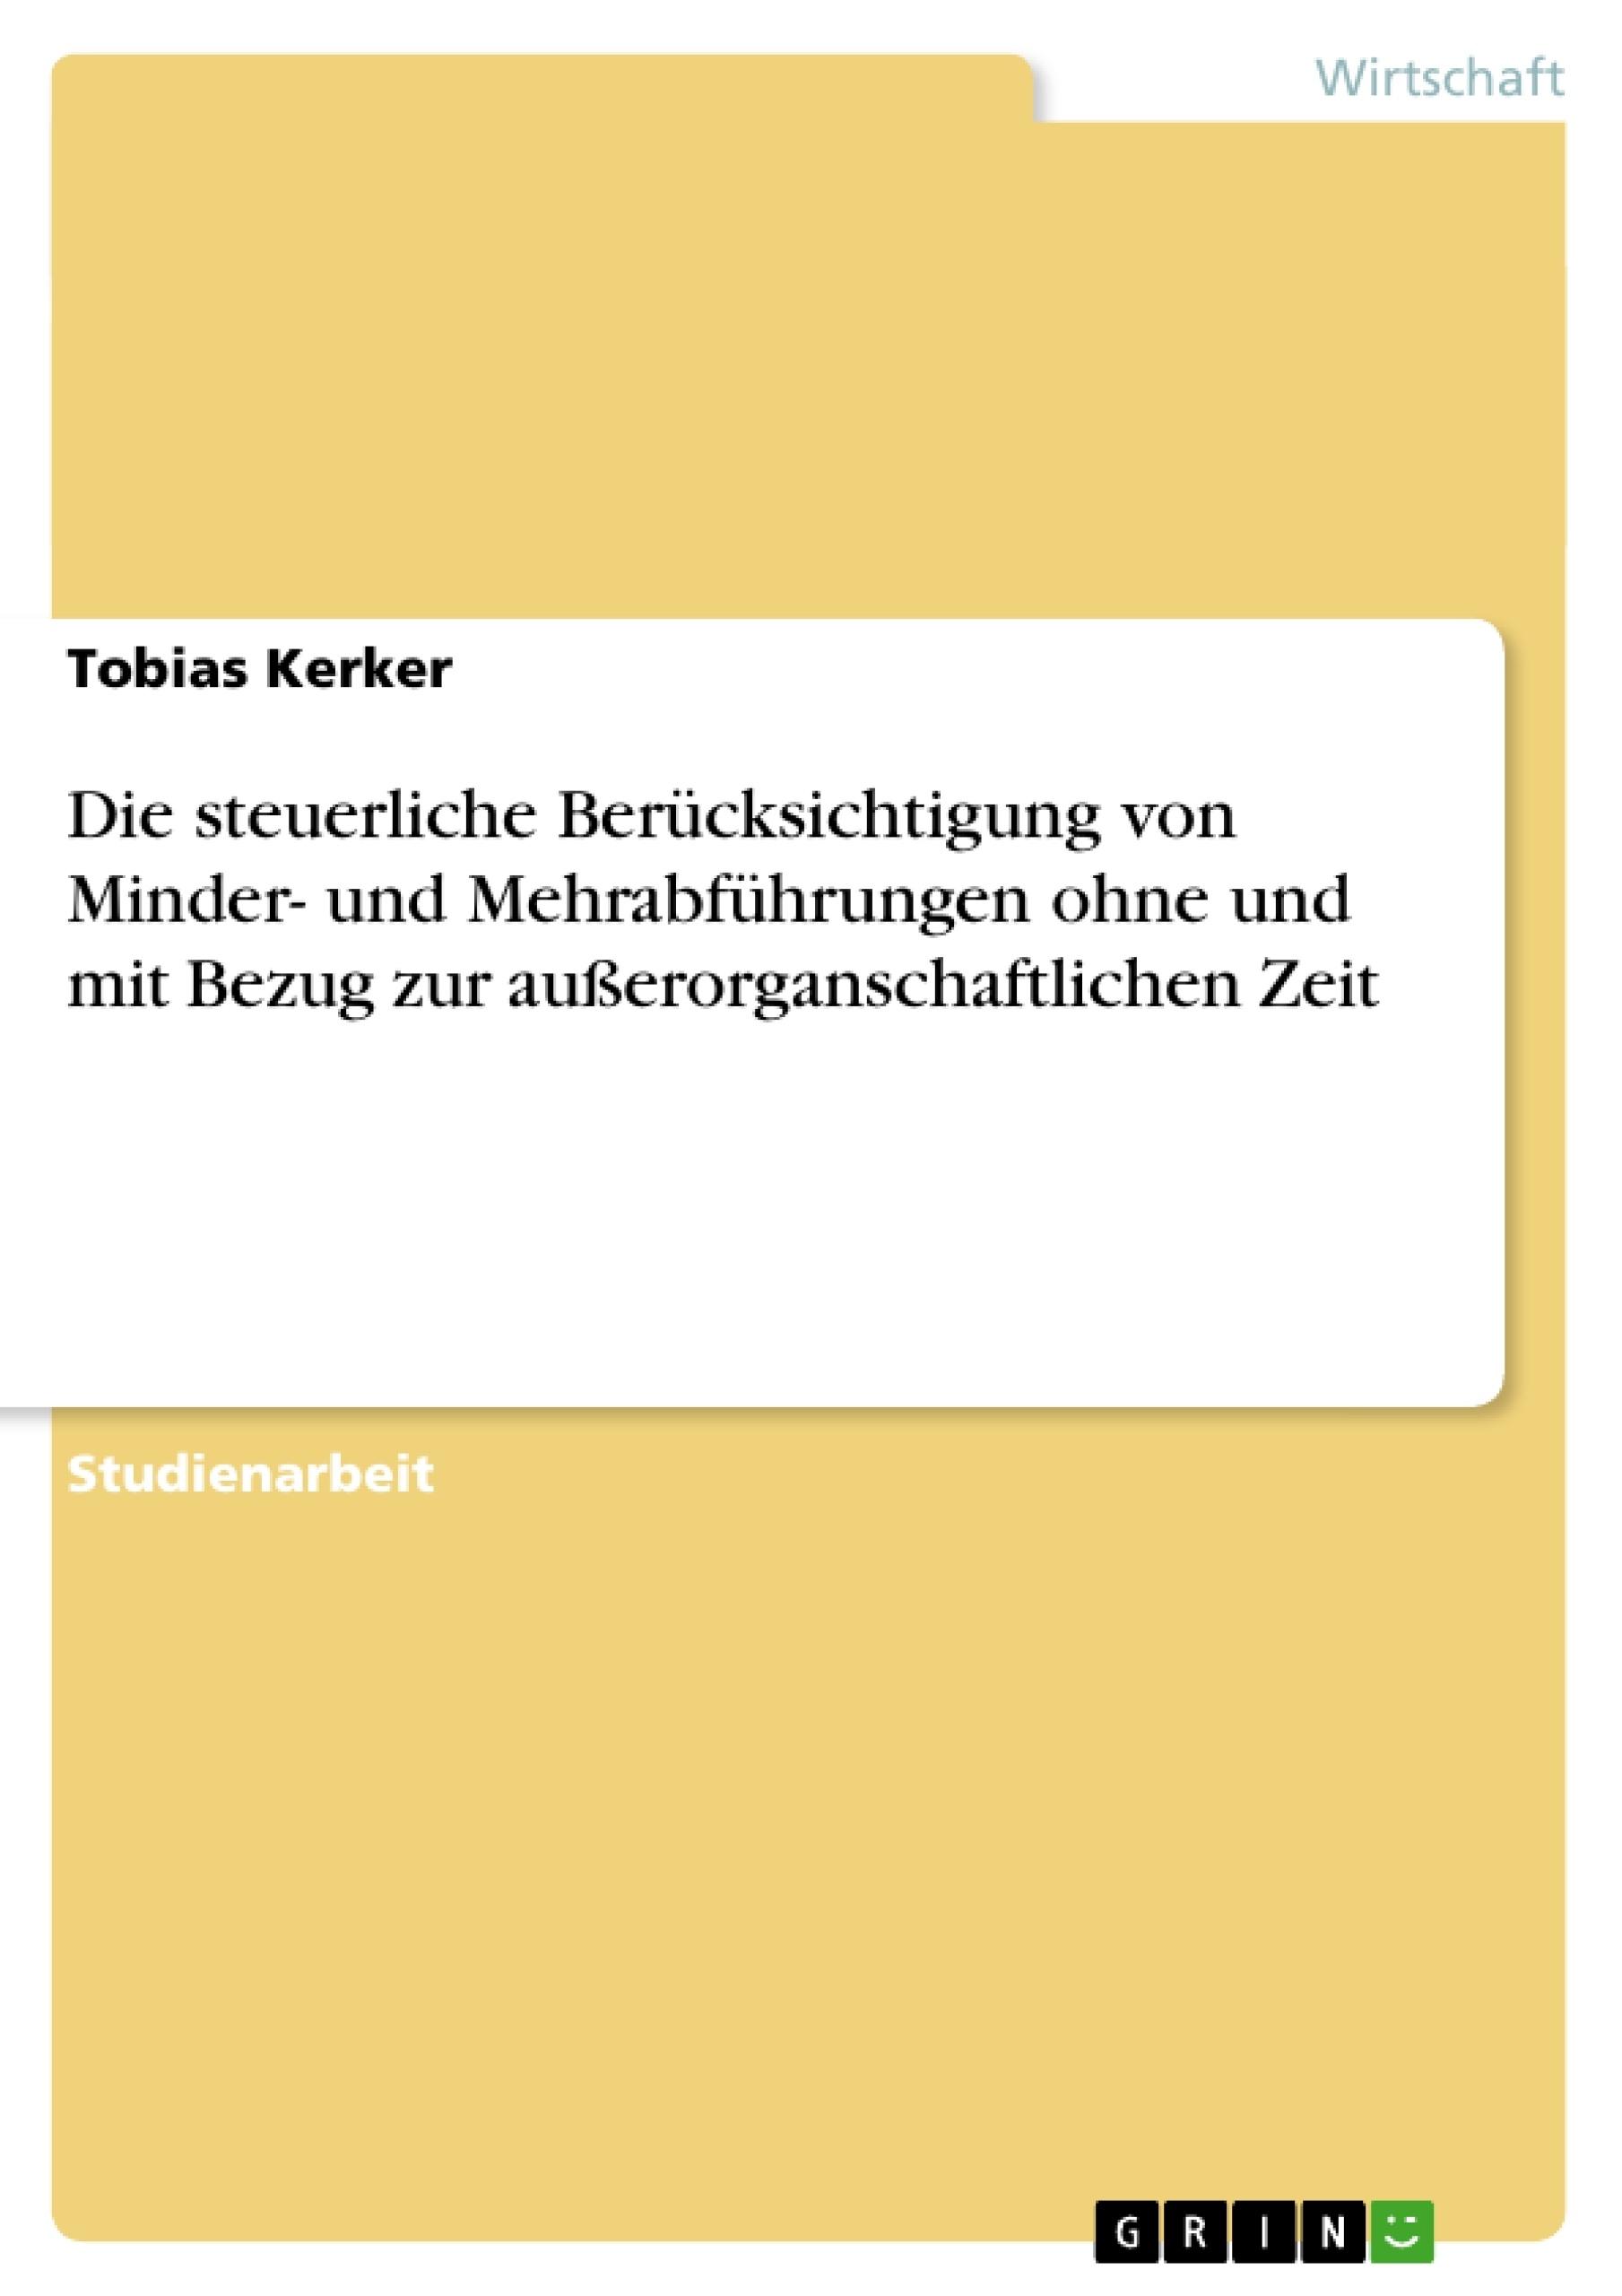 Titel: Die steuerliche Berücksichtigung von Minder- und Mehrabführungen ohne und mit Bezug zur außerorganschaftlichen Zeit